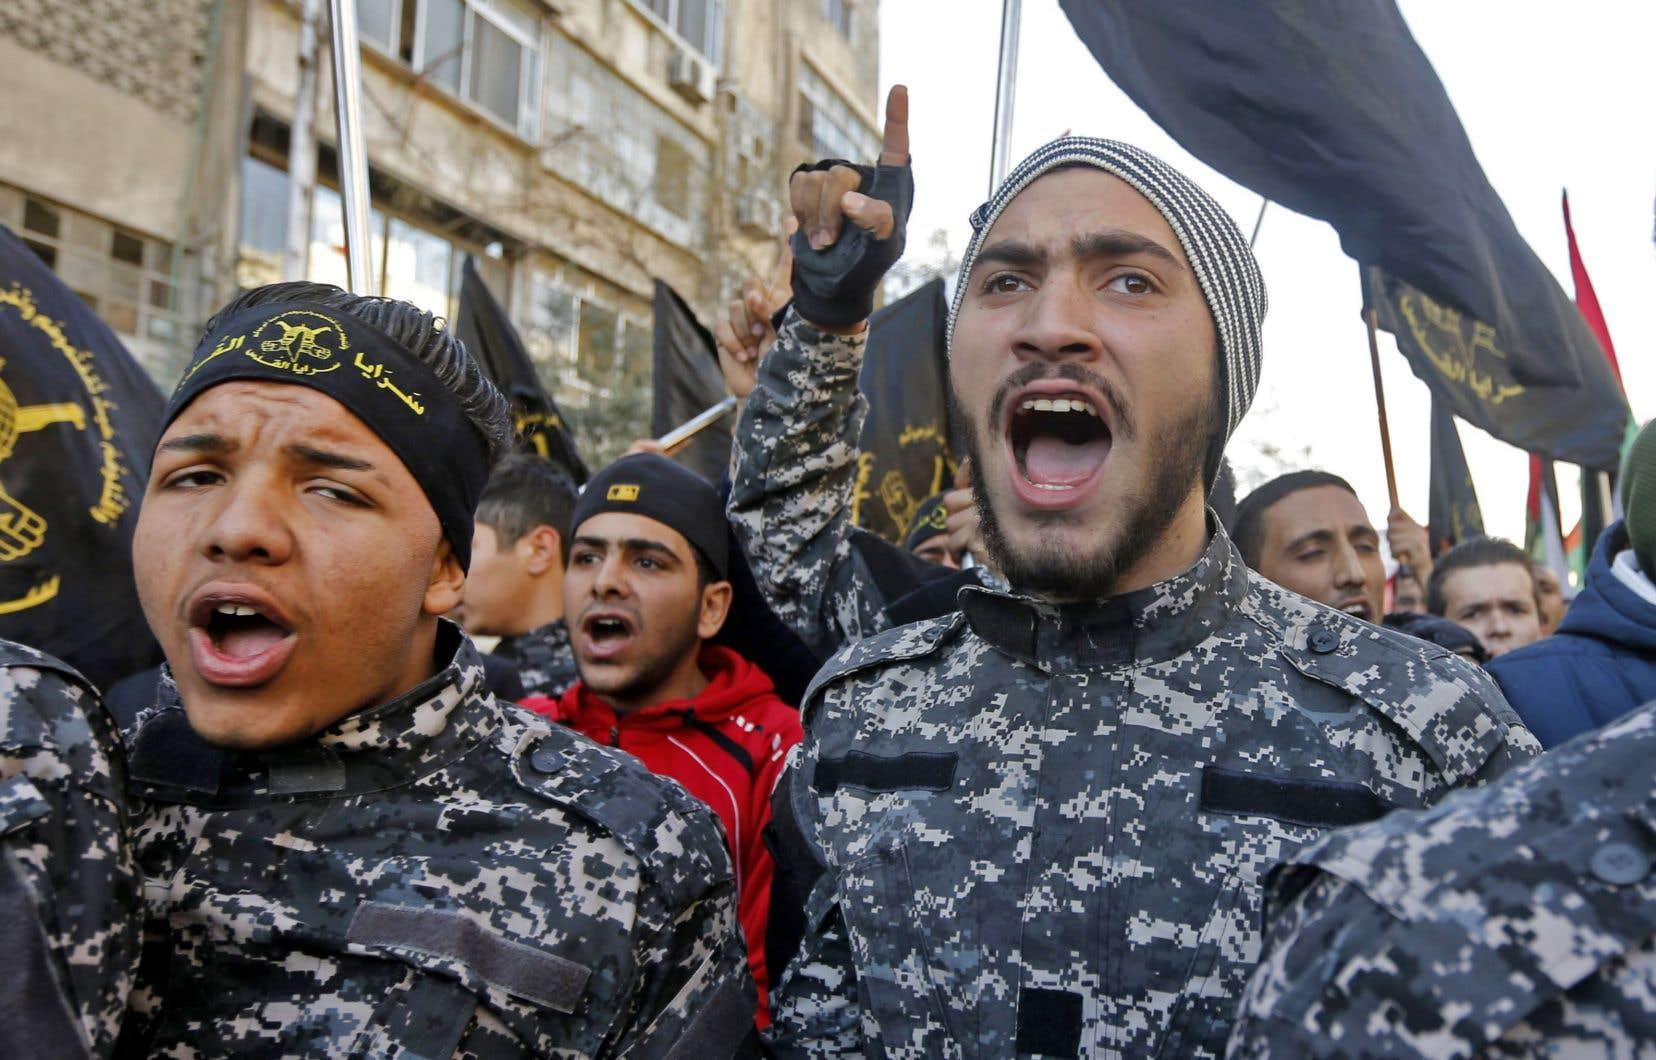 Des membres du Djihad islamique manifestent contre les soldats israéliens qui ont tiré sur deux de leurs combattants, accusés d'avoir placé un engin explosif à proximité de la barrière séparant Israël de Gaza, selon l'armée israélienne.